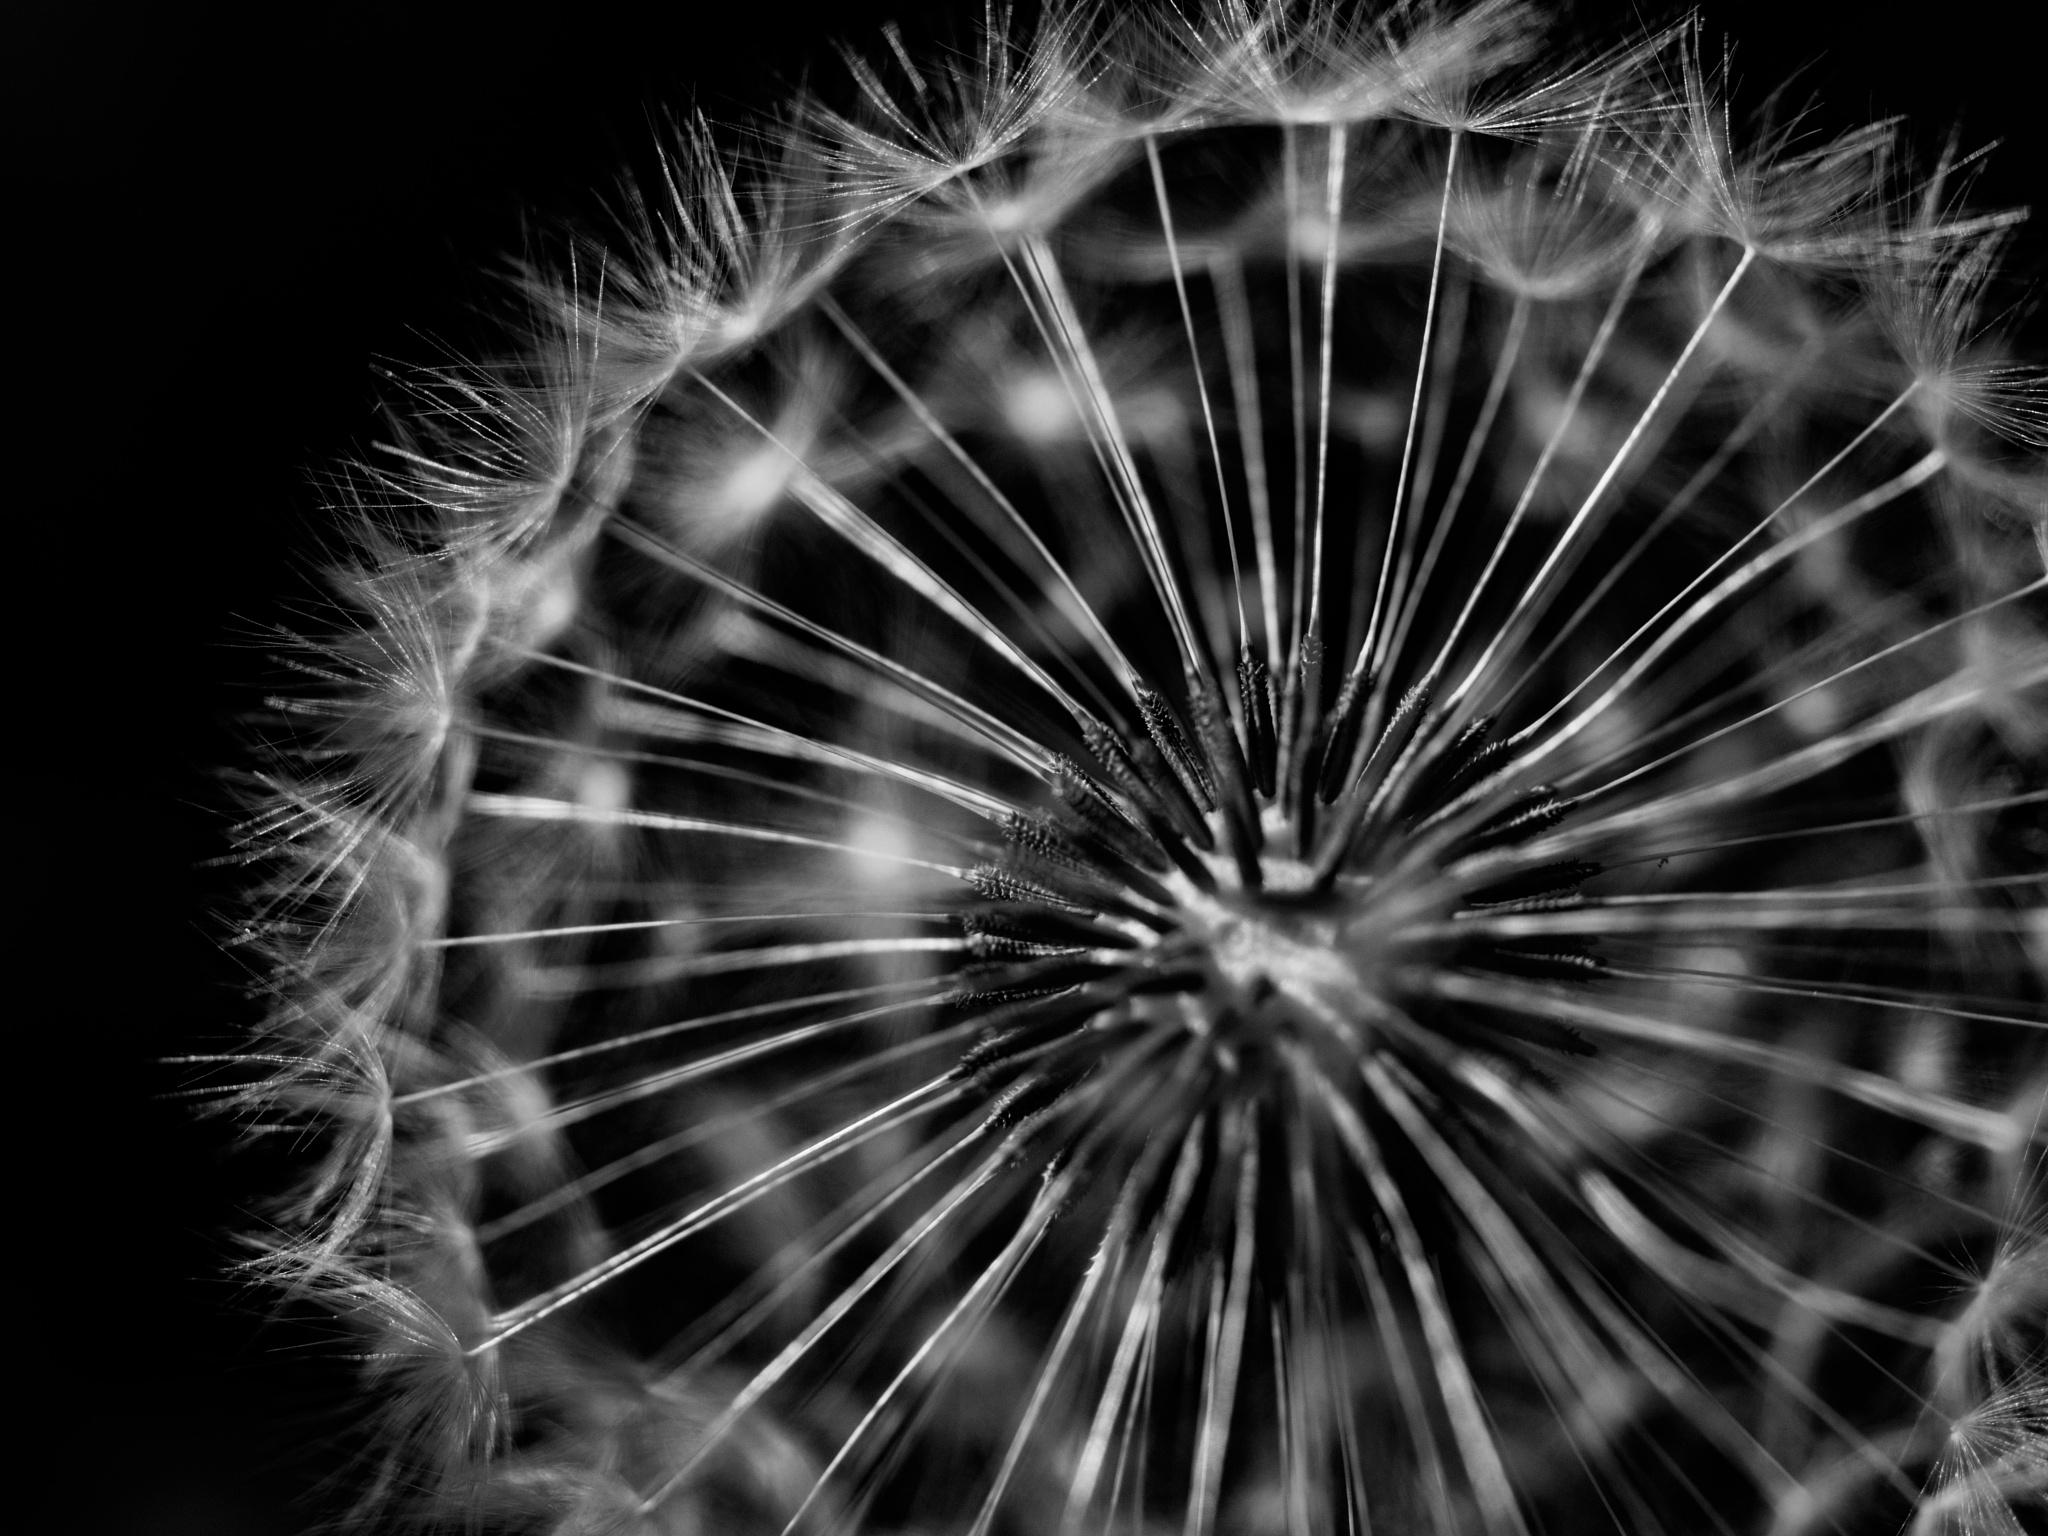 dandelion by albertstoehr